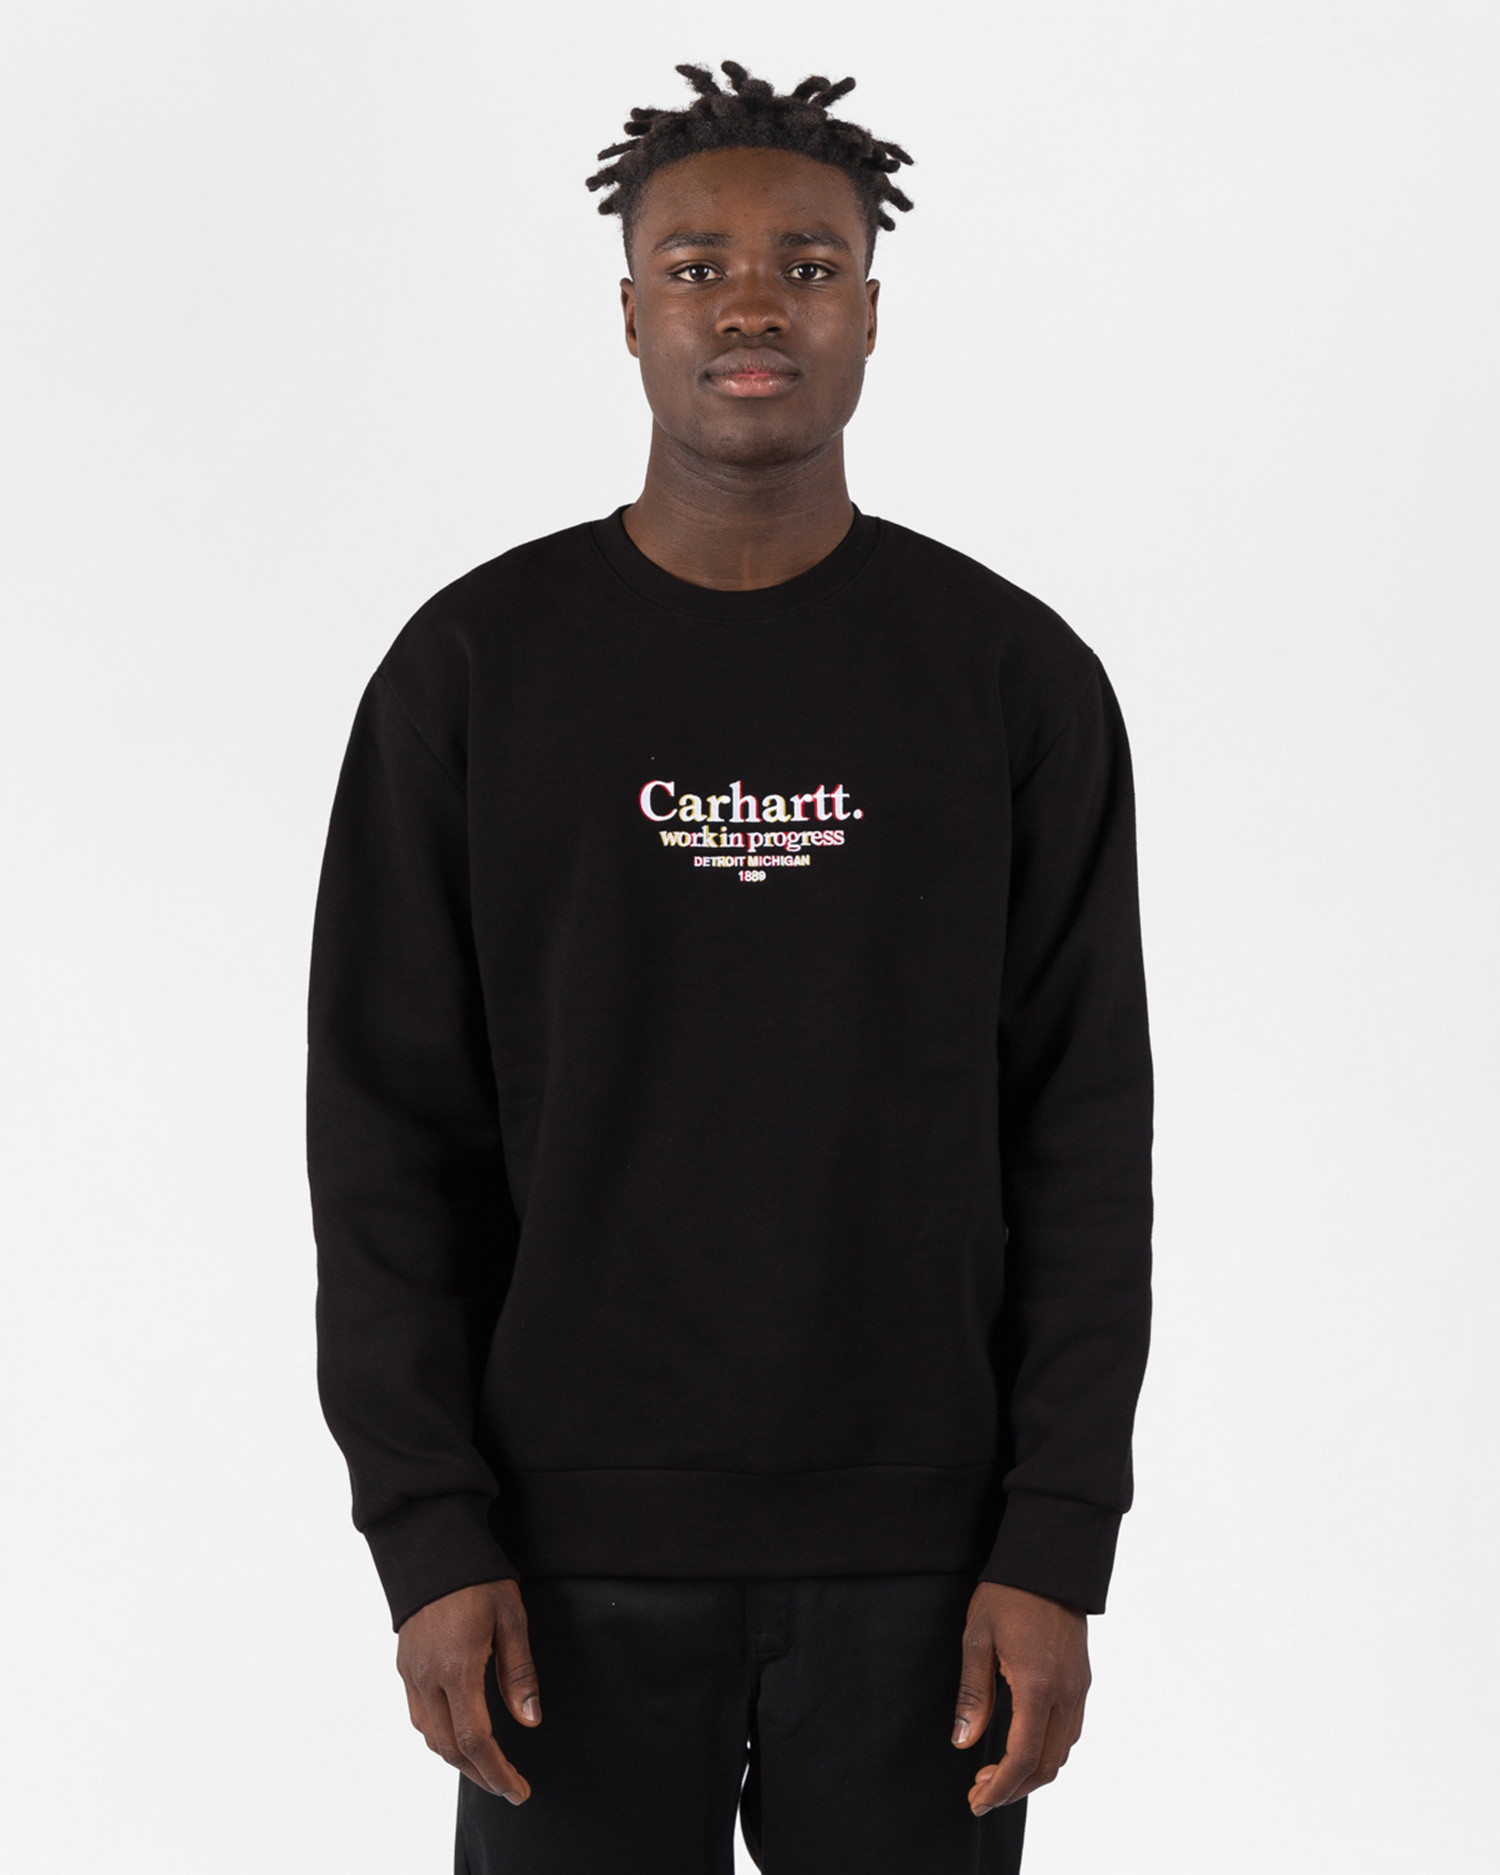 Carhartt Commission Sweat Black